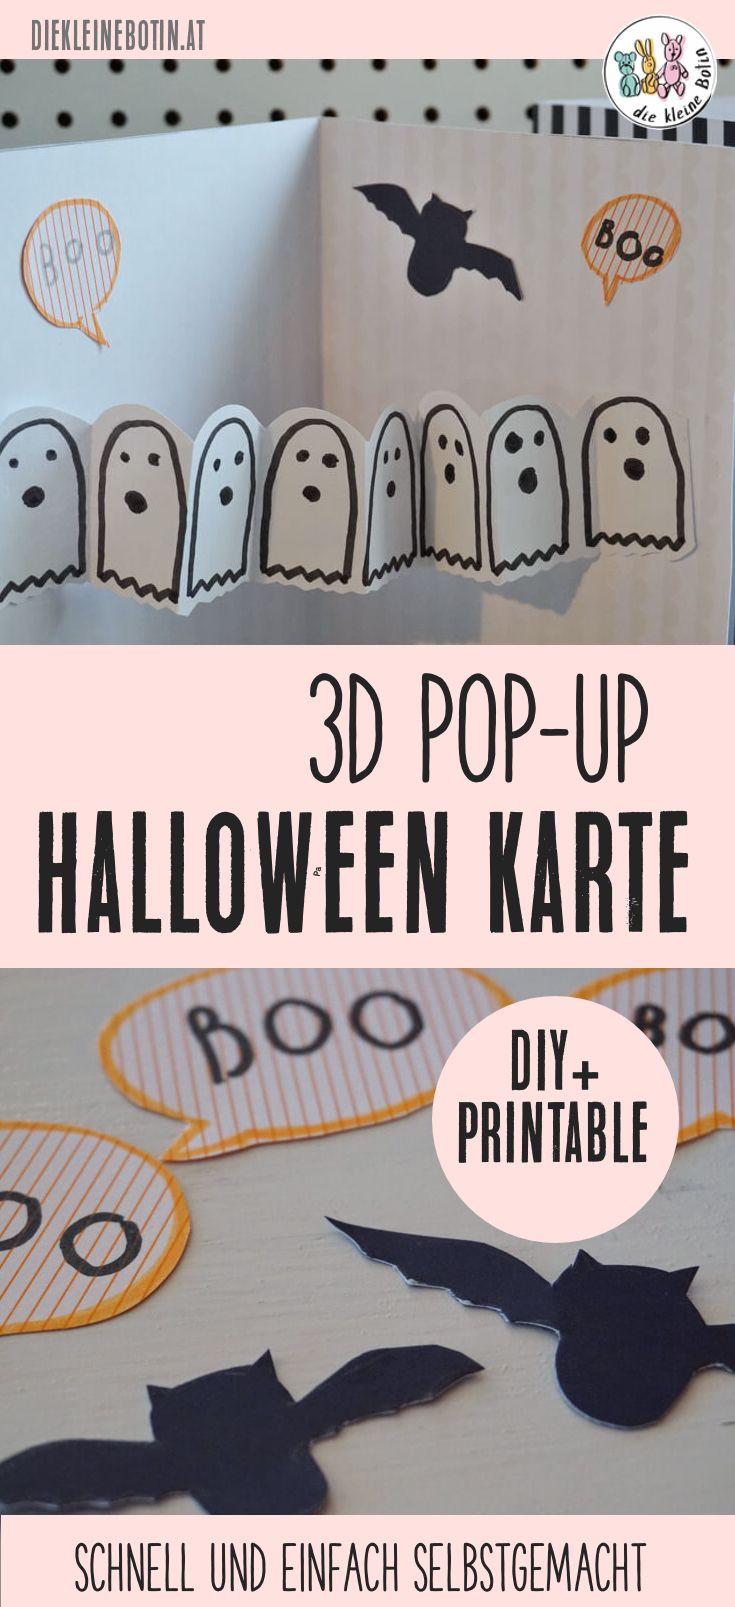 BOO! Diese 3D-POP-Up Karte für Halloweenfans ist schnell gemacht! Bastelidee für Kinder ab 3 Jahren. Halloween Karte mit Gespenstergirlande.  DIY mit free printable, Vorlagen zum Ausdrucken und Nachzeichnen. Anleitung für die Karten aus Papier.  #diy #papier #halloween #popupcard #popupkarte